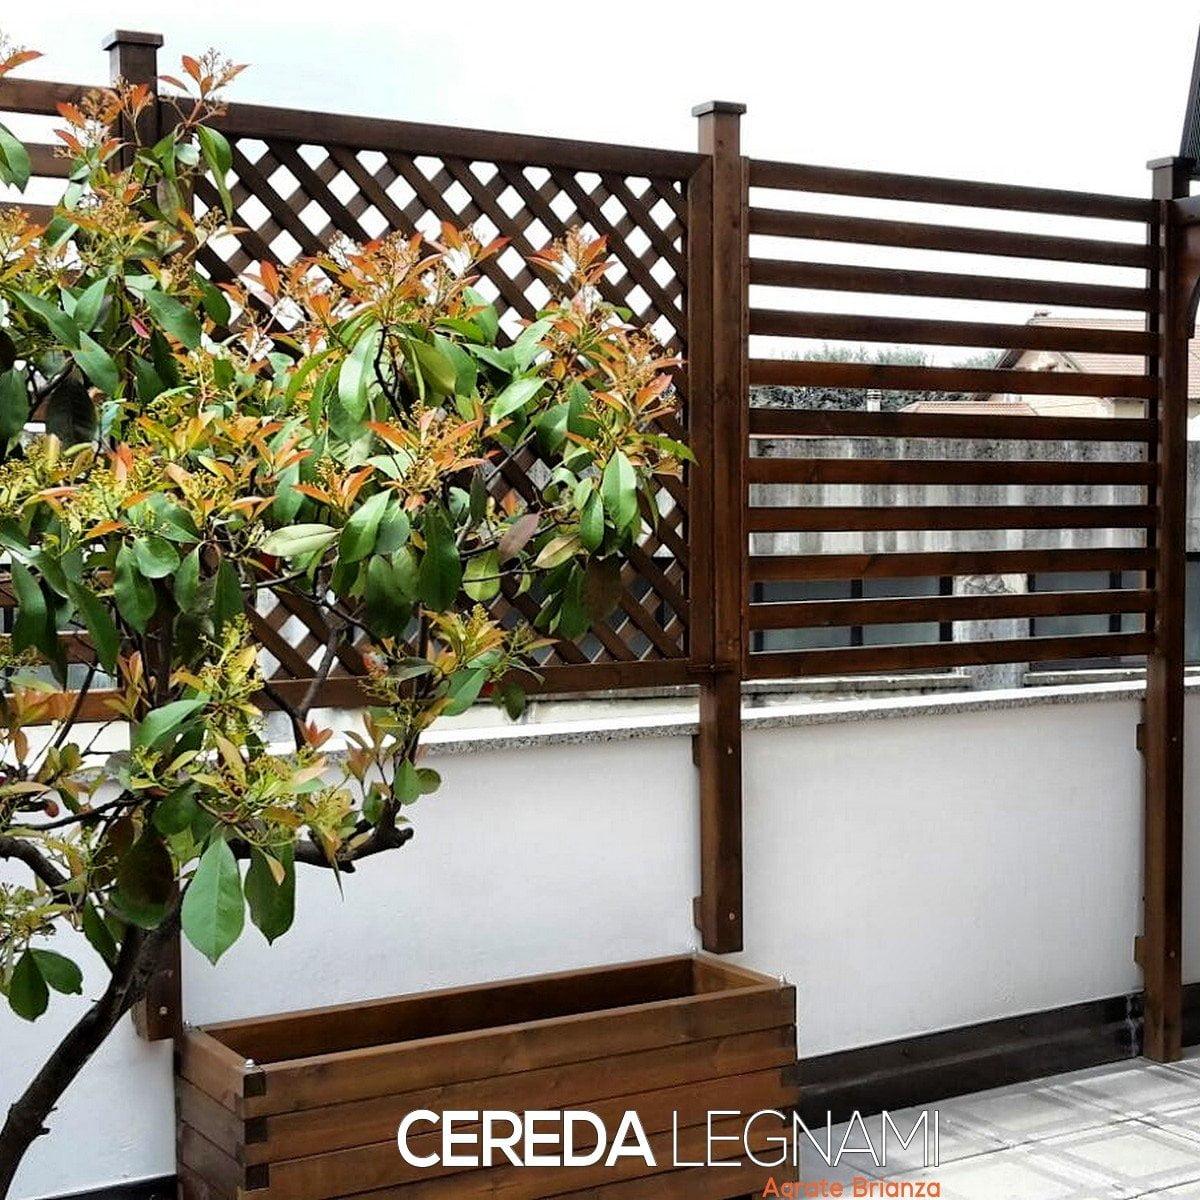 Tetti in legno tettoie pergole e pensiline milano e brianza - Fioriere in legno per giardino ...